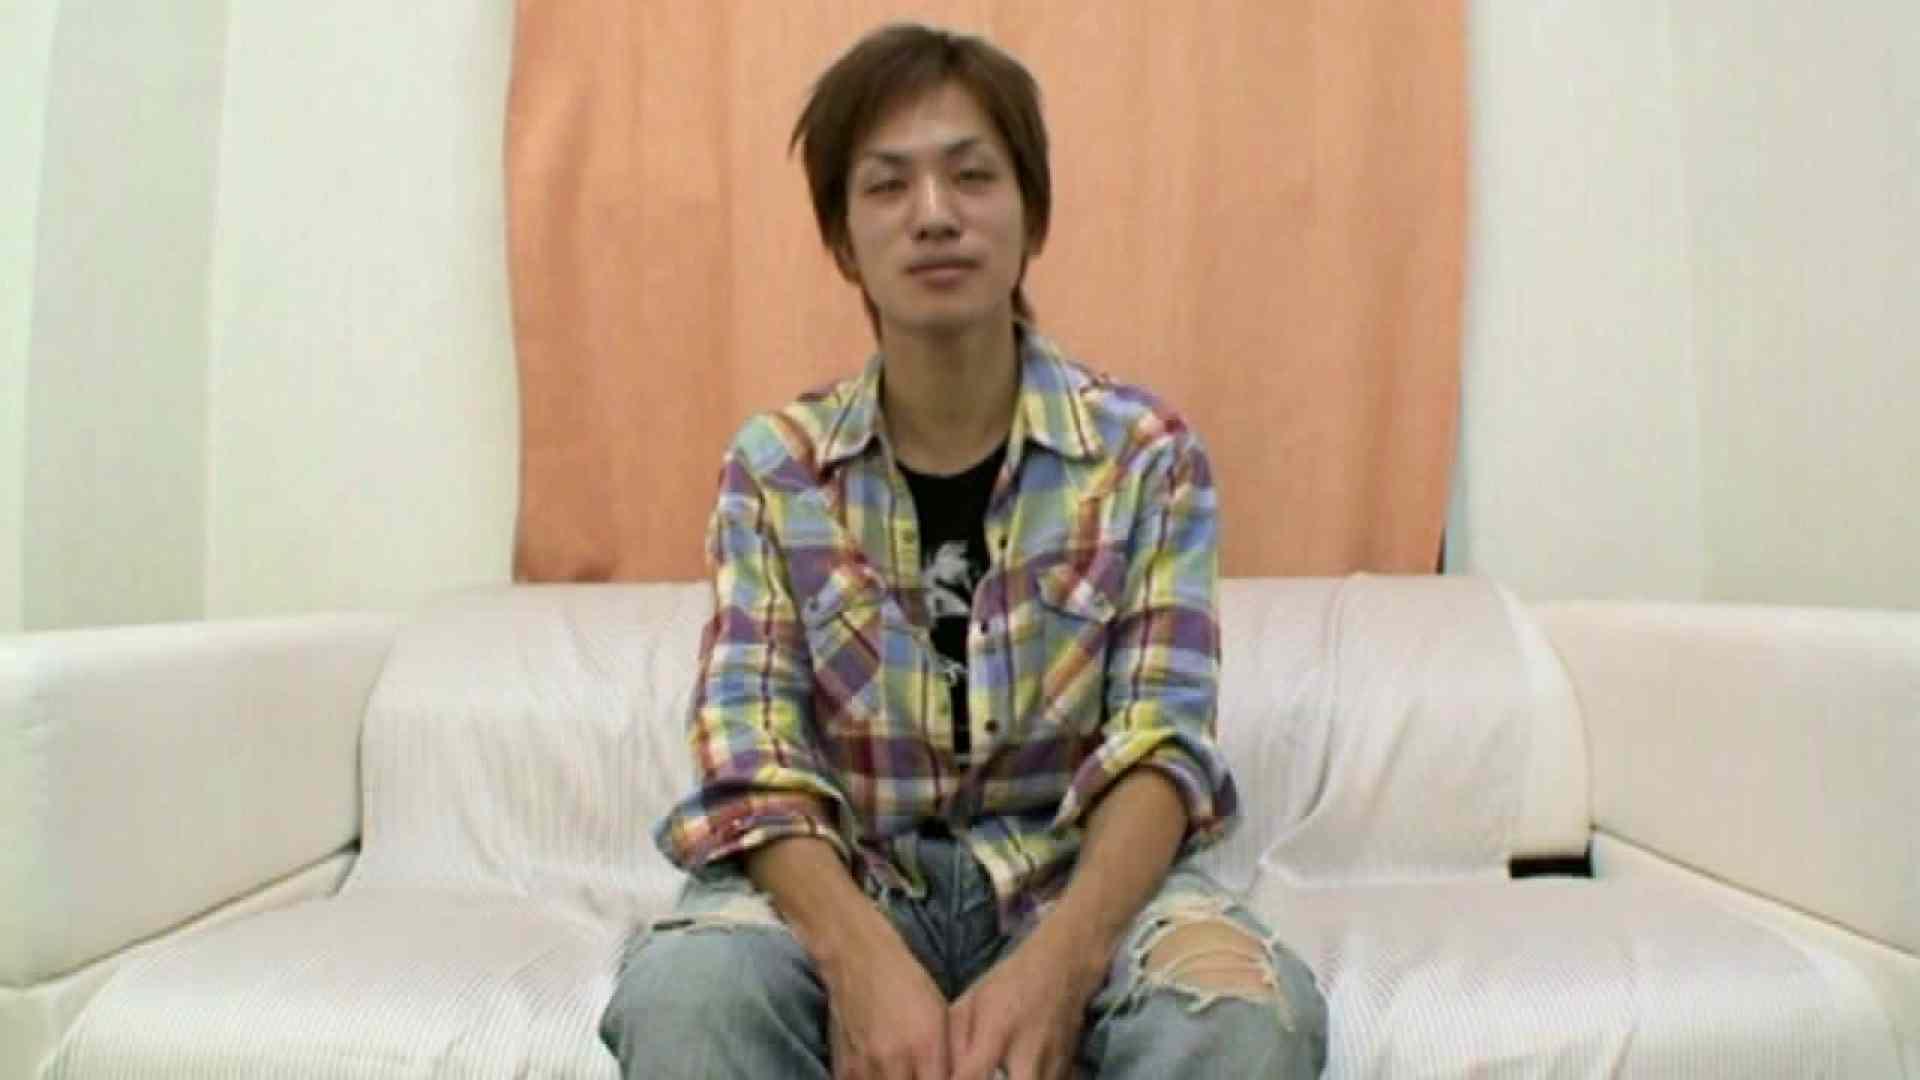 ノンケ!自慰スタジオ No.03 流出新着 | イメージ(裸) ゲイフェラチオ画像 10連発 5